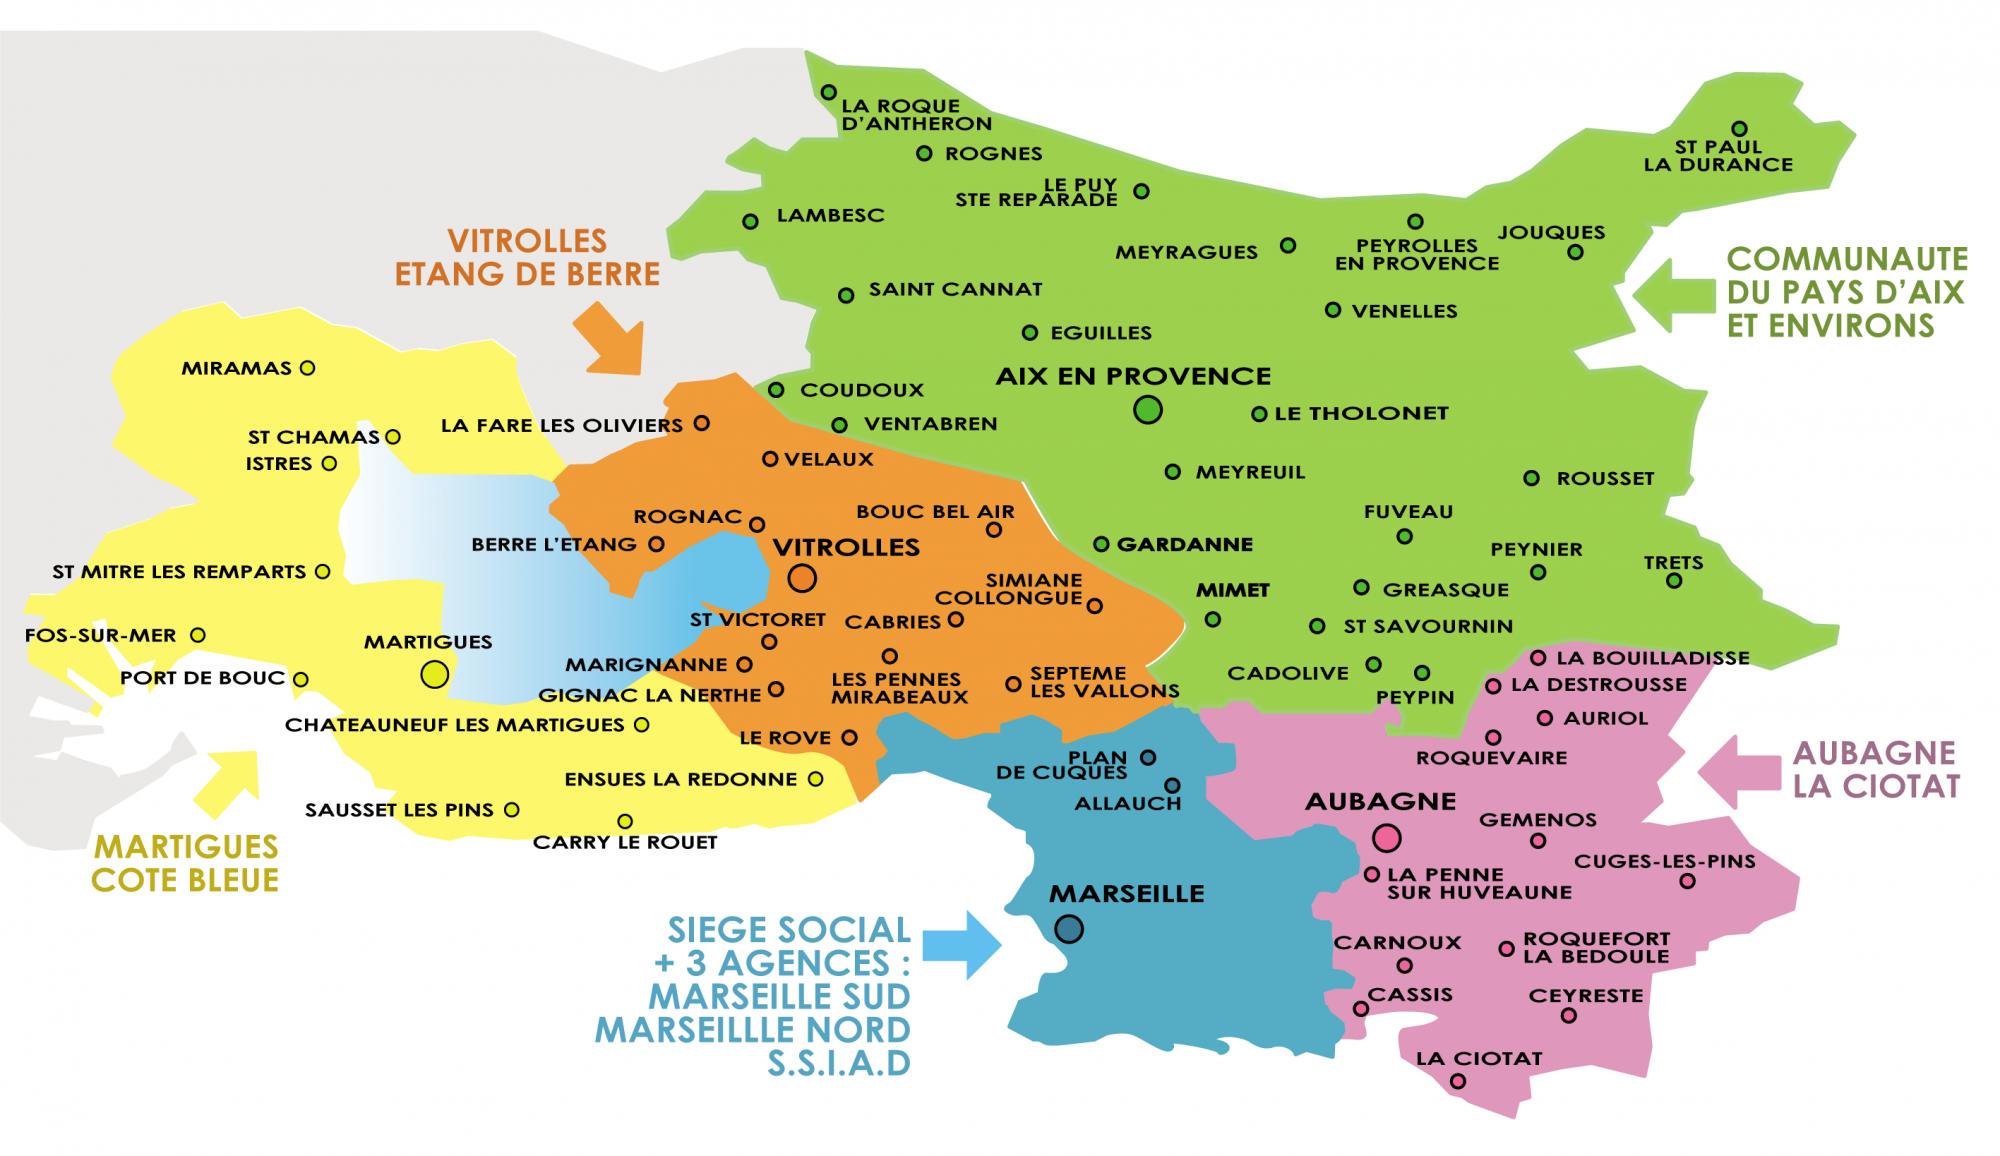 Aide et assistance à domicile : notre secteur d'intervention dans les Bouches du Rhône